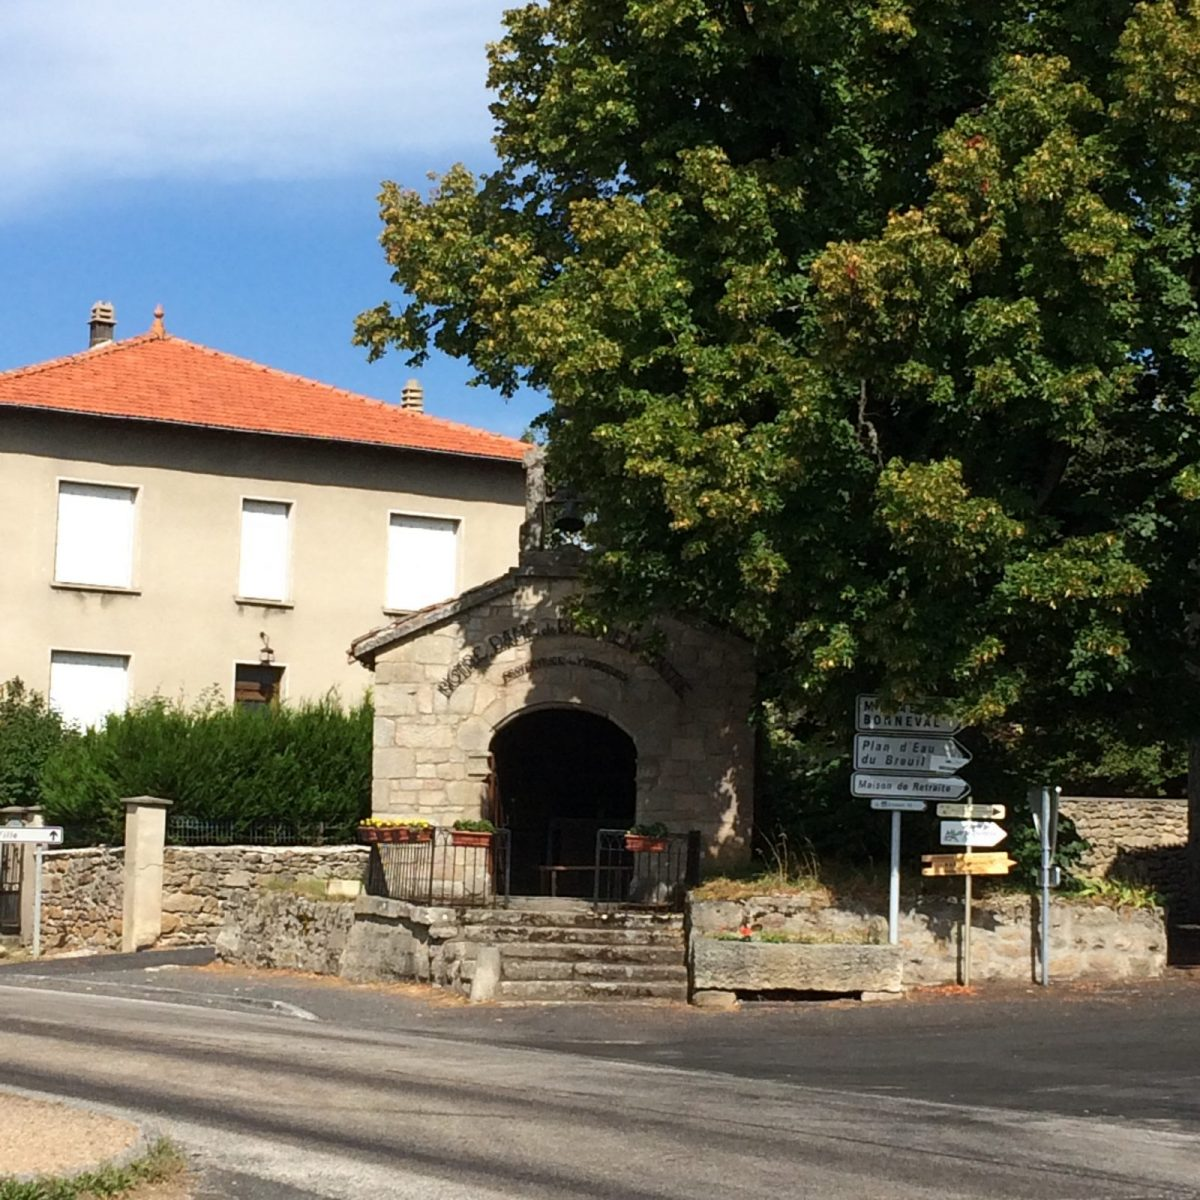 EVE_Visite du bourg médiéval _Chapelle de Bon Rencontre